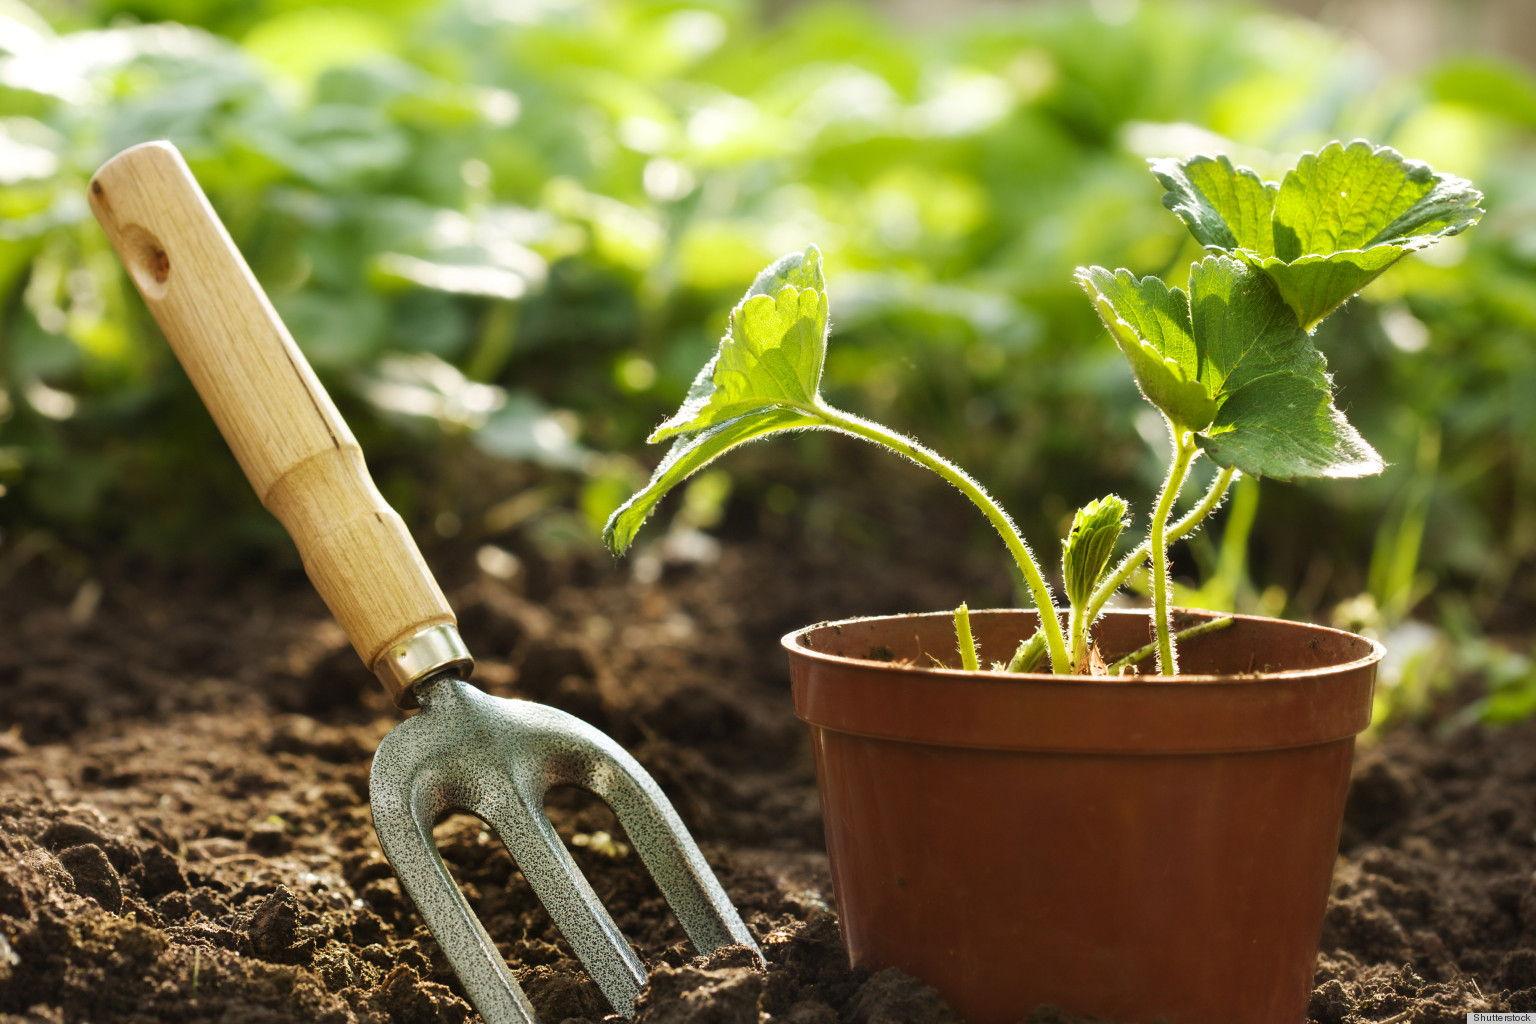 préparer la terre pour pouvour ensuite planter des plantes idée emnt aménager son jardin